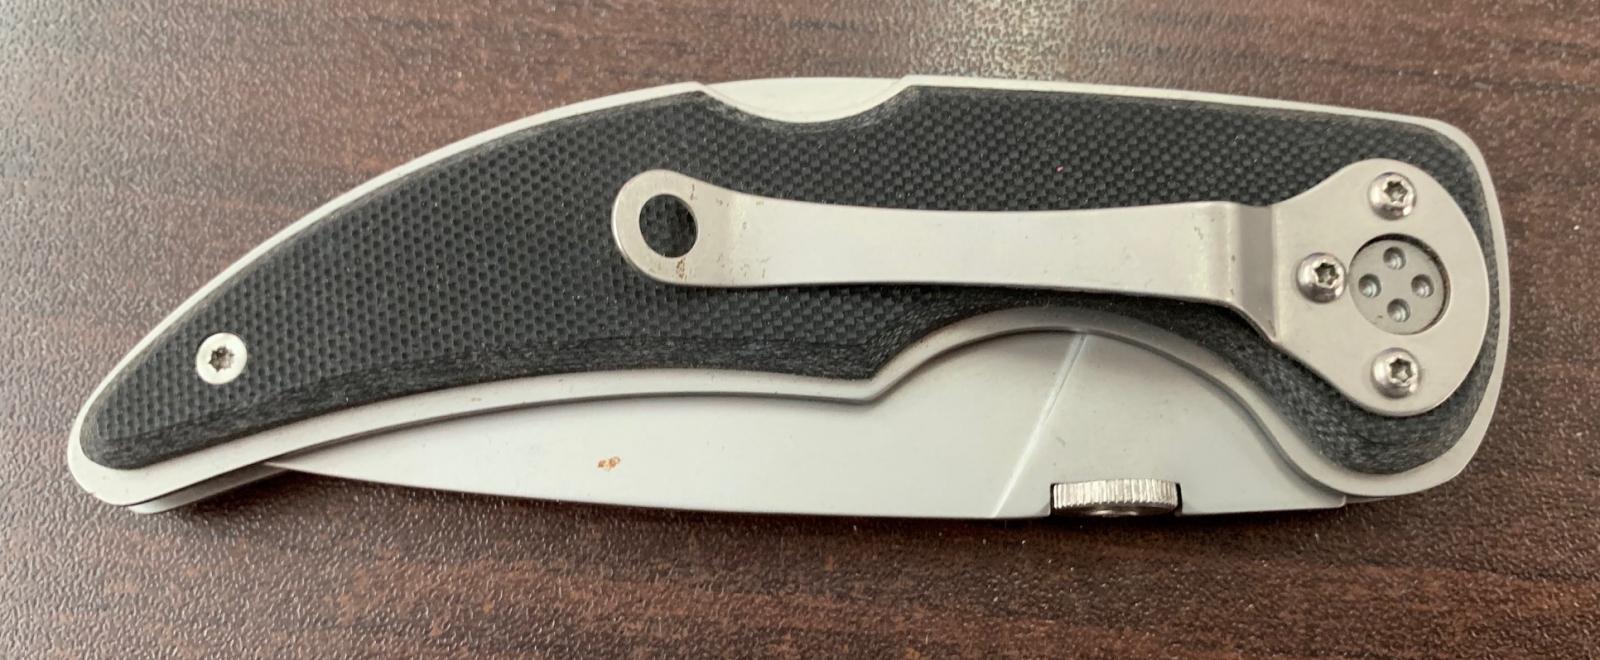 Складной компактный нож с черной накладкой на рукояти